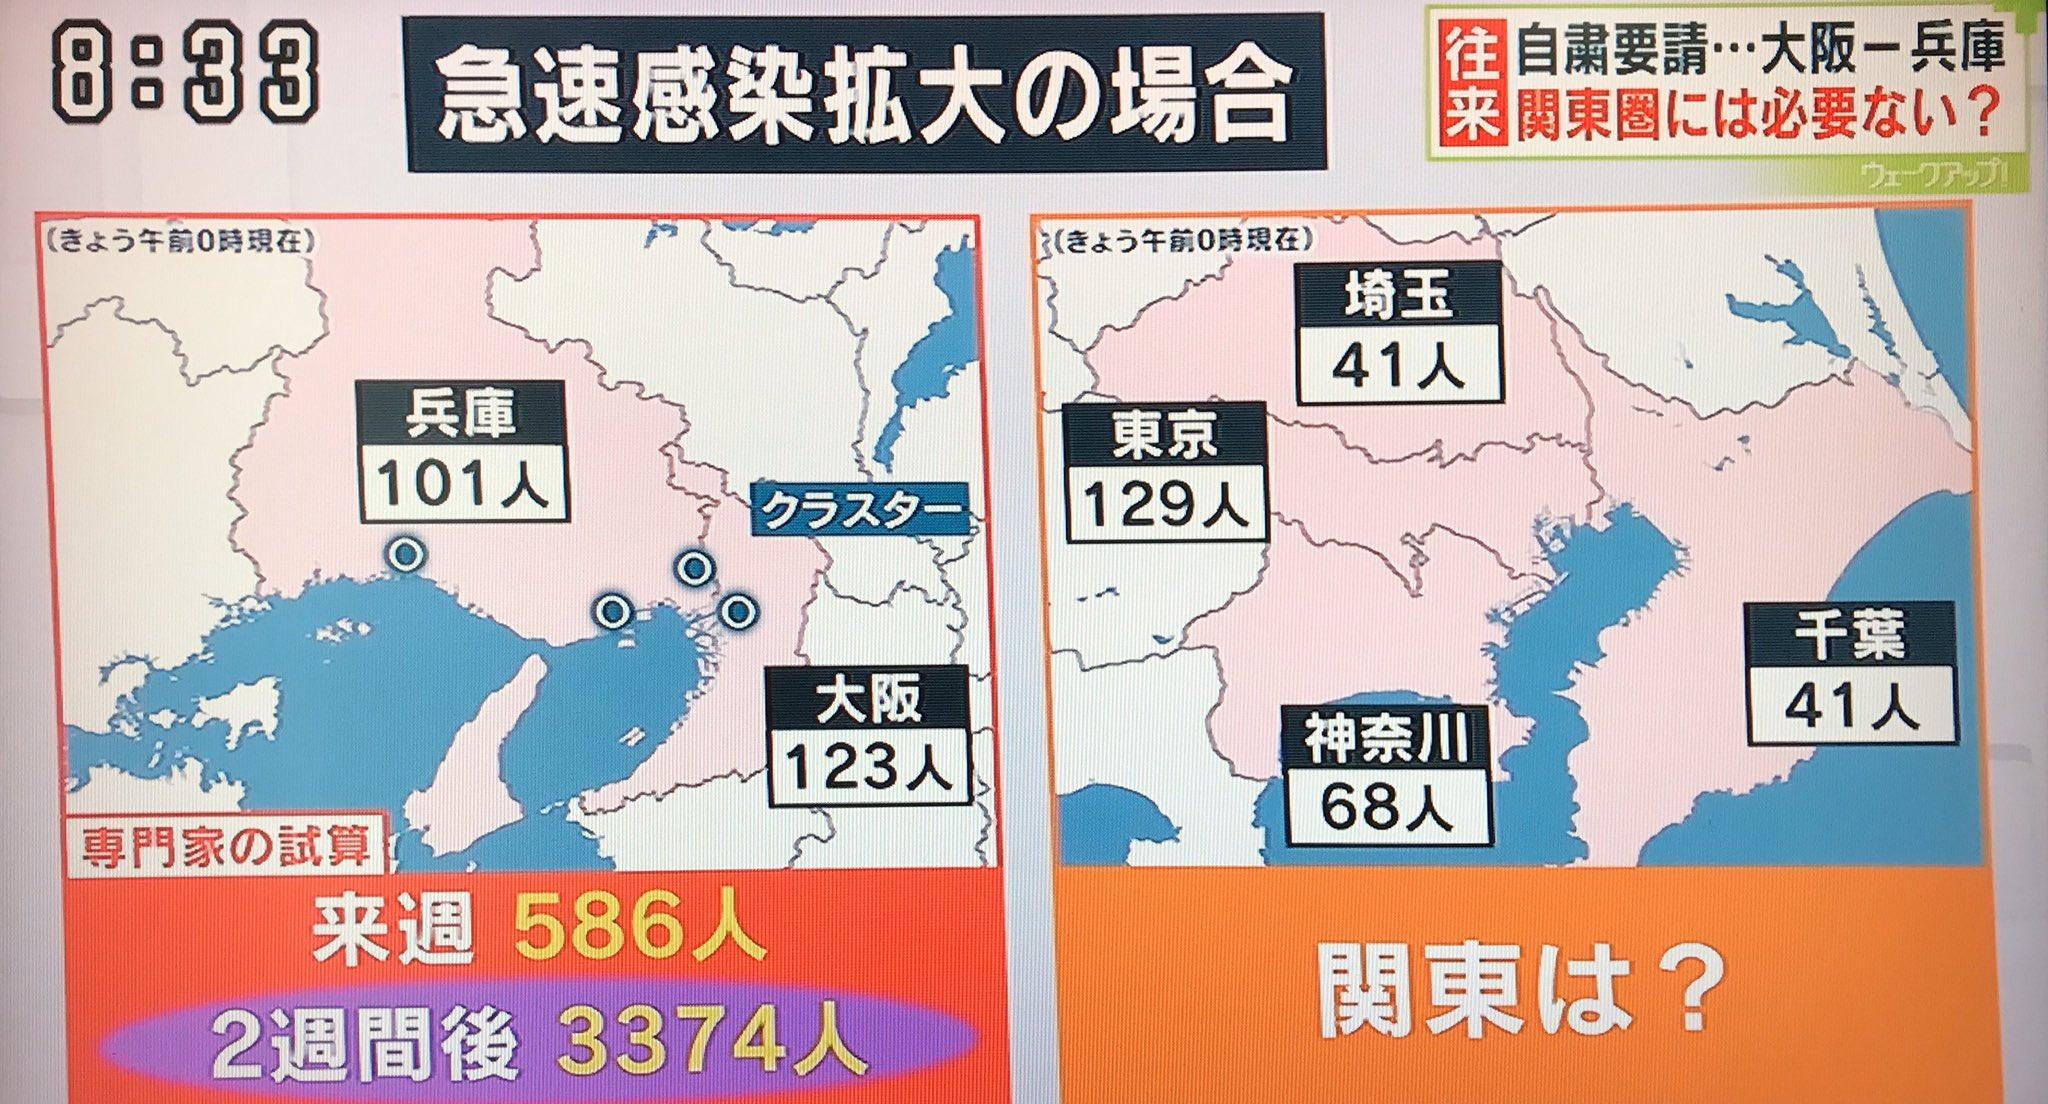 【悲報】厚労省さん「大阪と兵庫のコロナ患者数は40倍に急増するゾ」